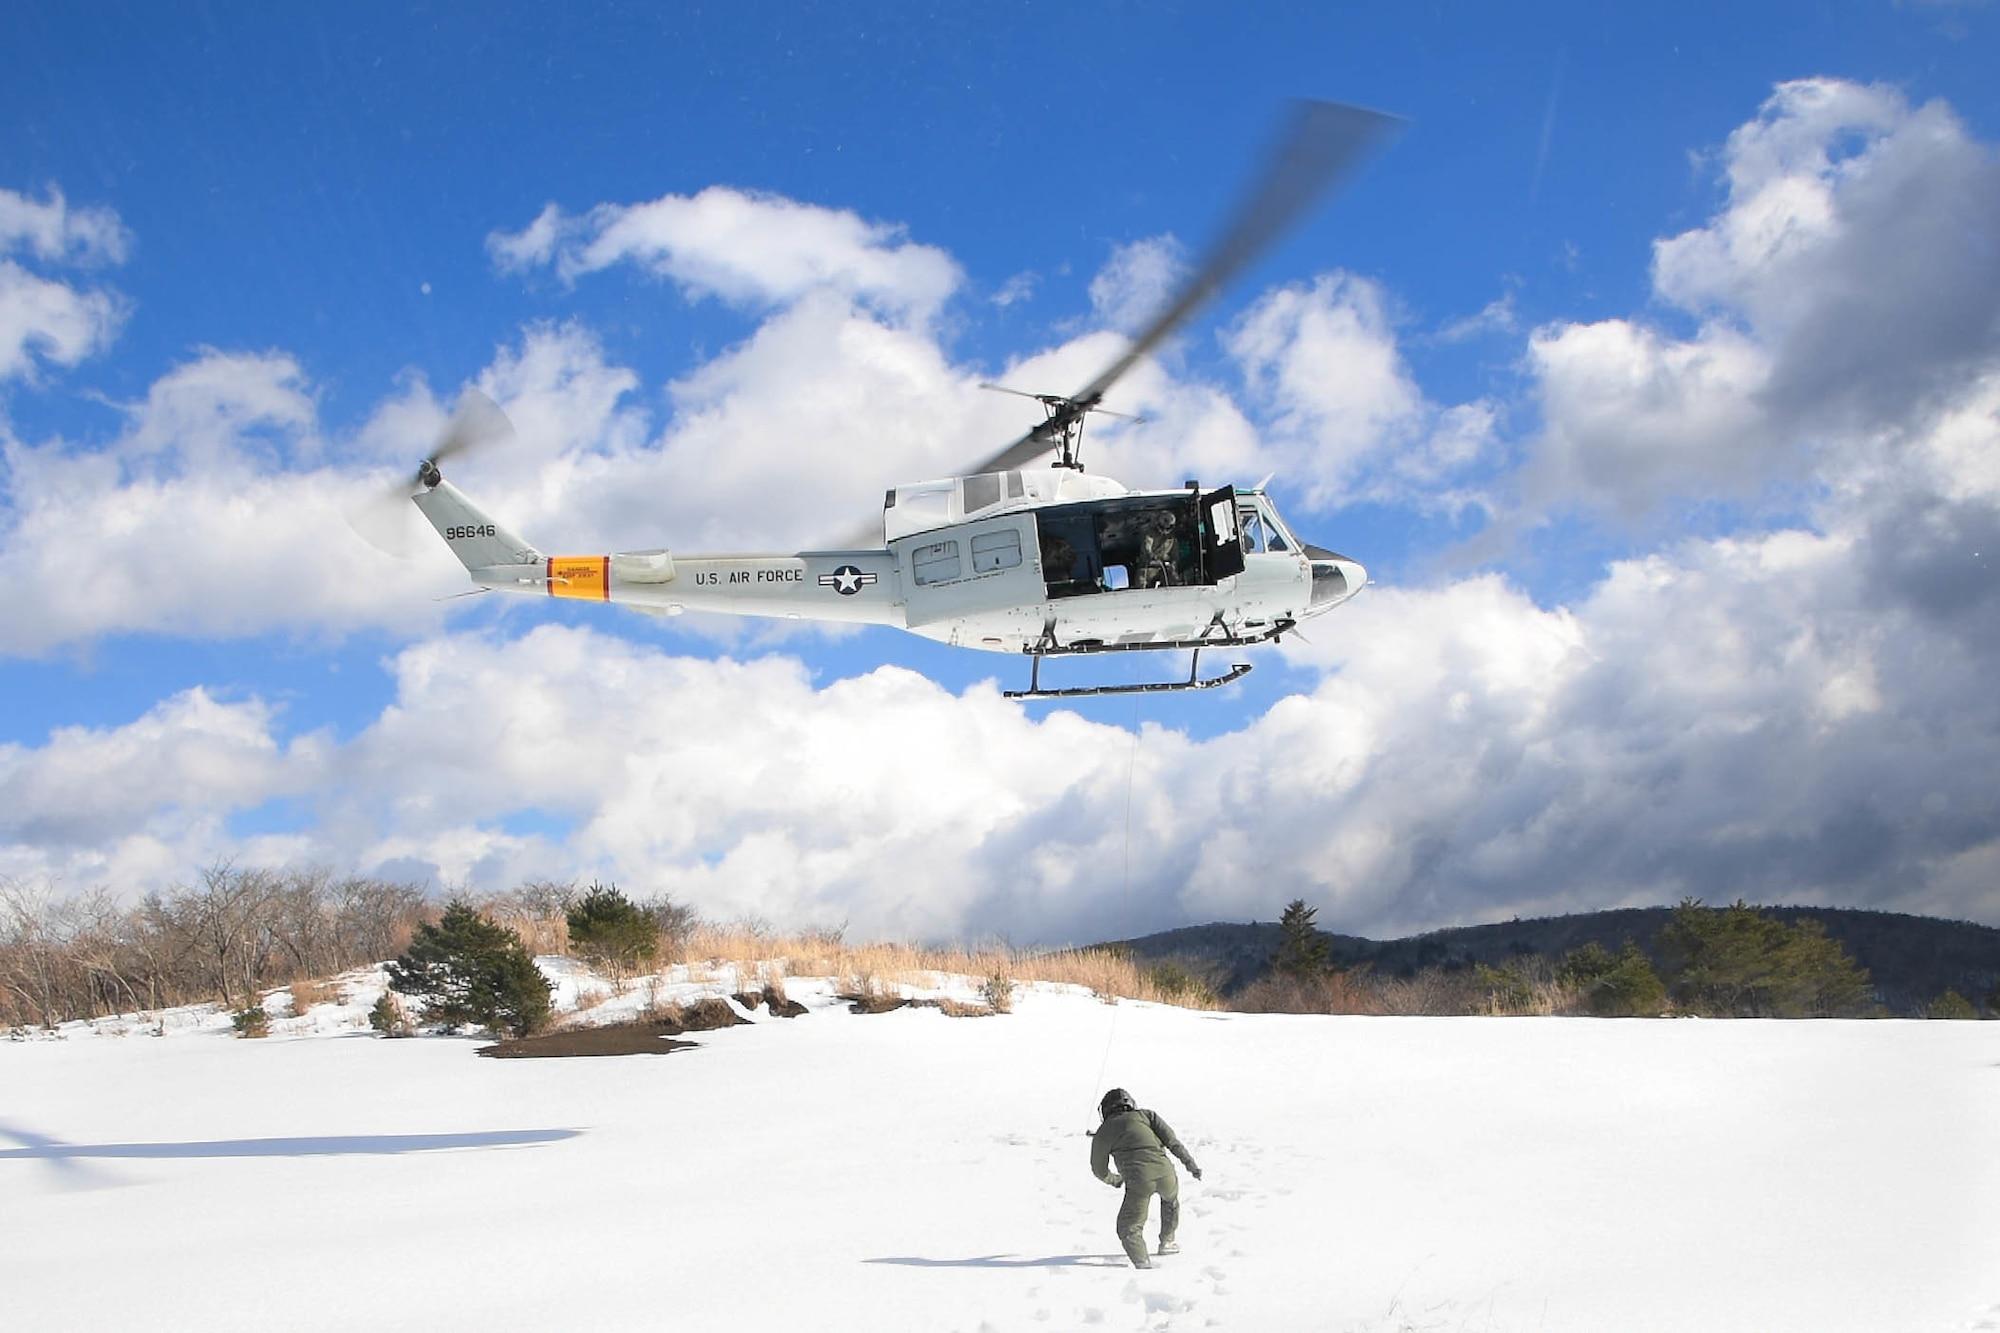 Lt. Col. Valerie Johnson walks towards a UH-1N Iroquois